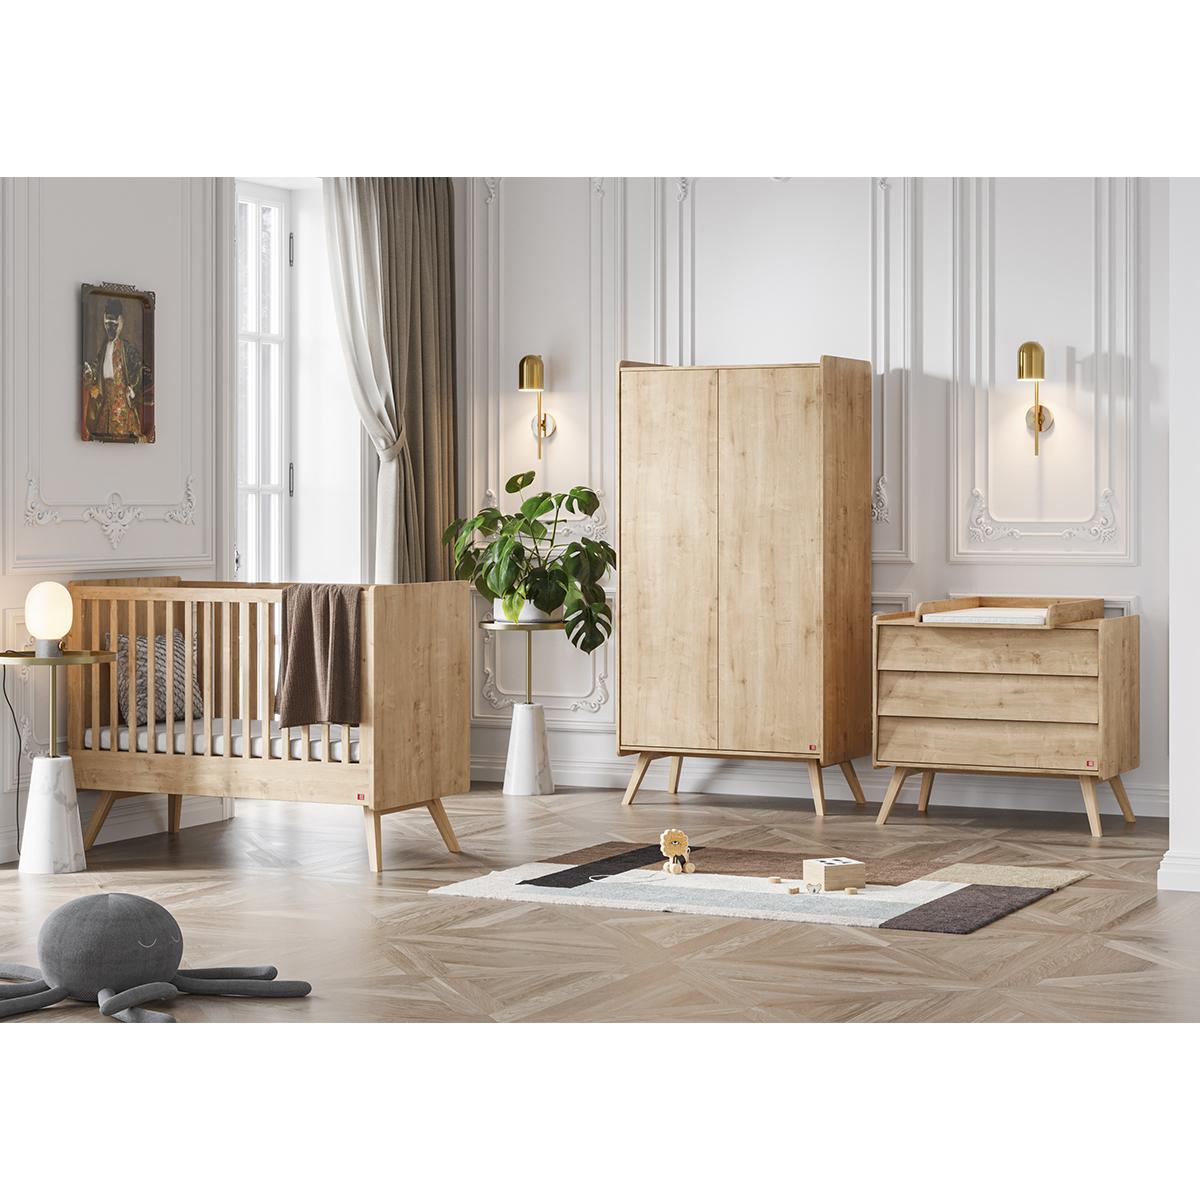 Chambre complète lit bébé 60x120 - commode à langer - armoire 2 portes Vox Vintage - Bois